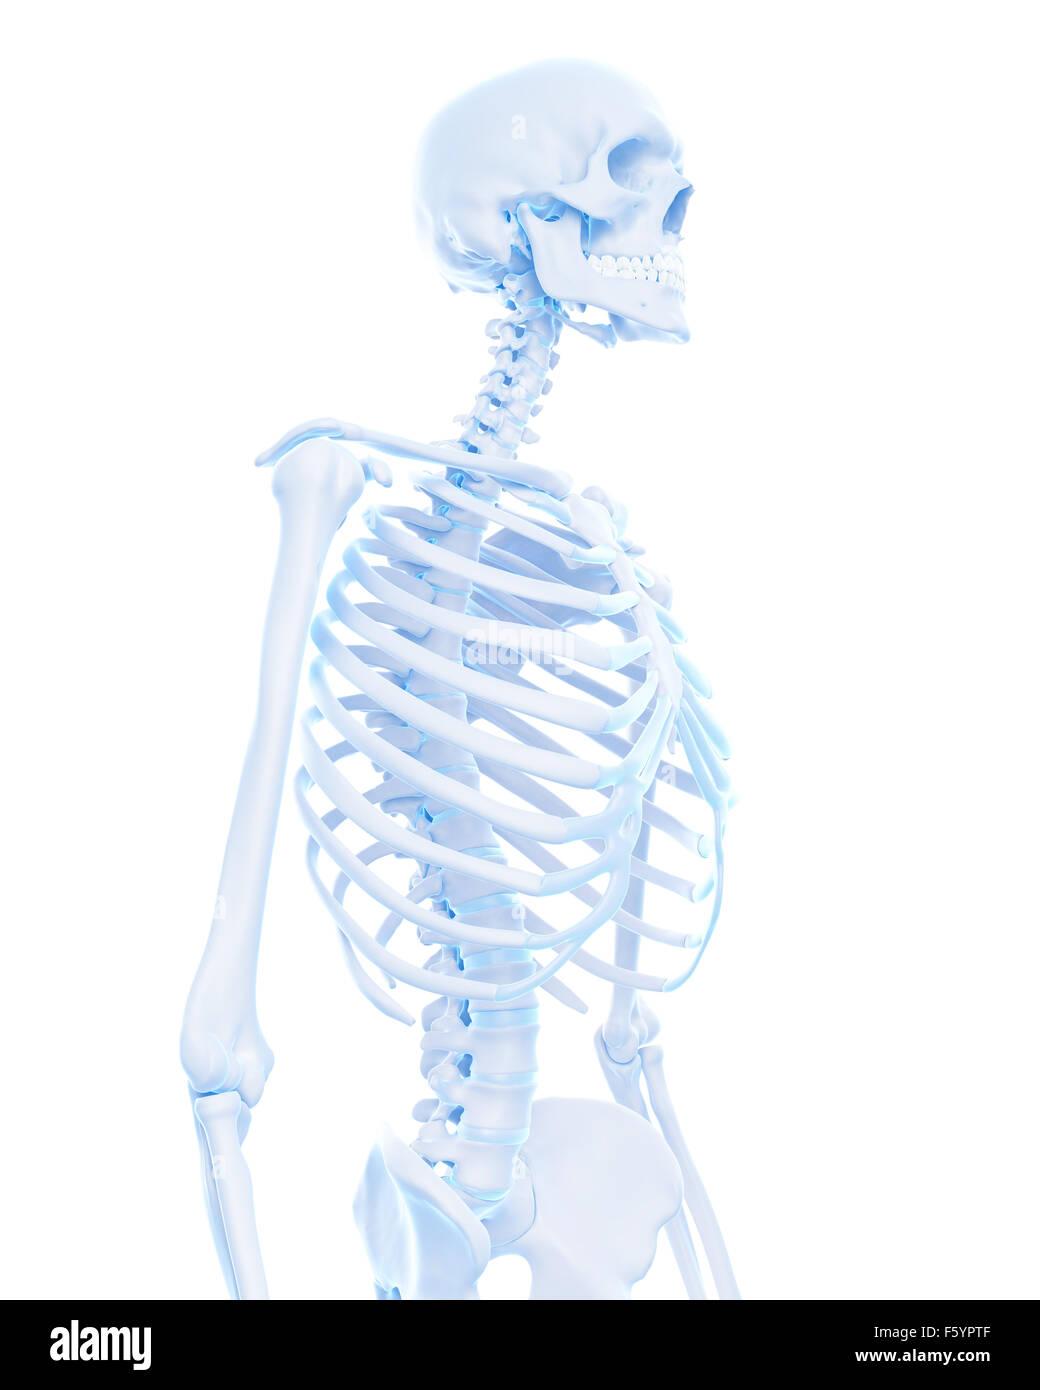 Wunderbar Brustkorb Anatomie Knochen Bilder - Anatomie Von ...